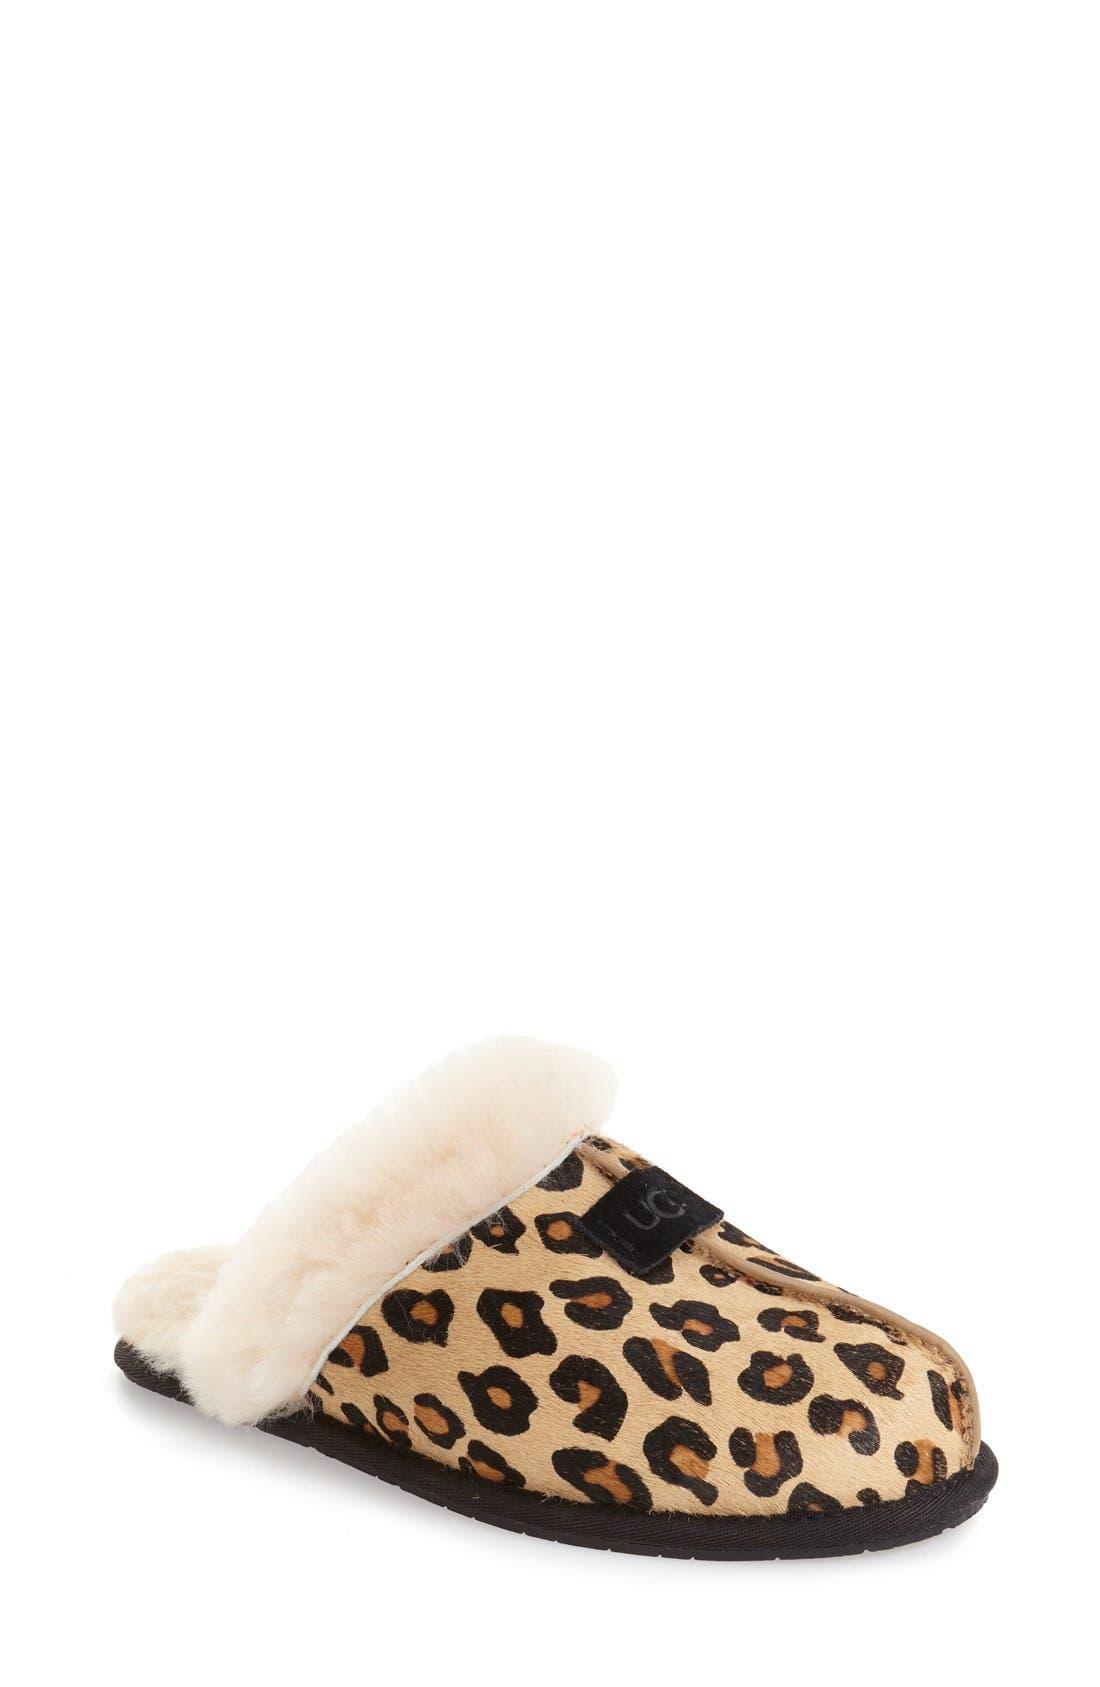 Scuffette II Leopard Spot Calf Hair Genuine Shearling Cuff Slipper,                         Main,                         color, Leopard Calf Hair